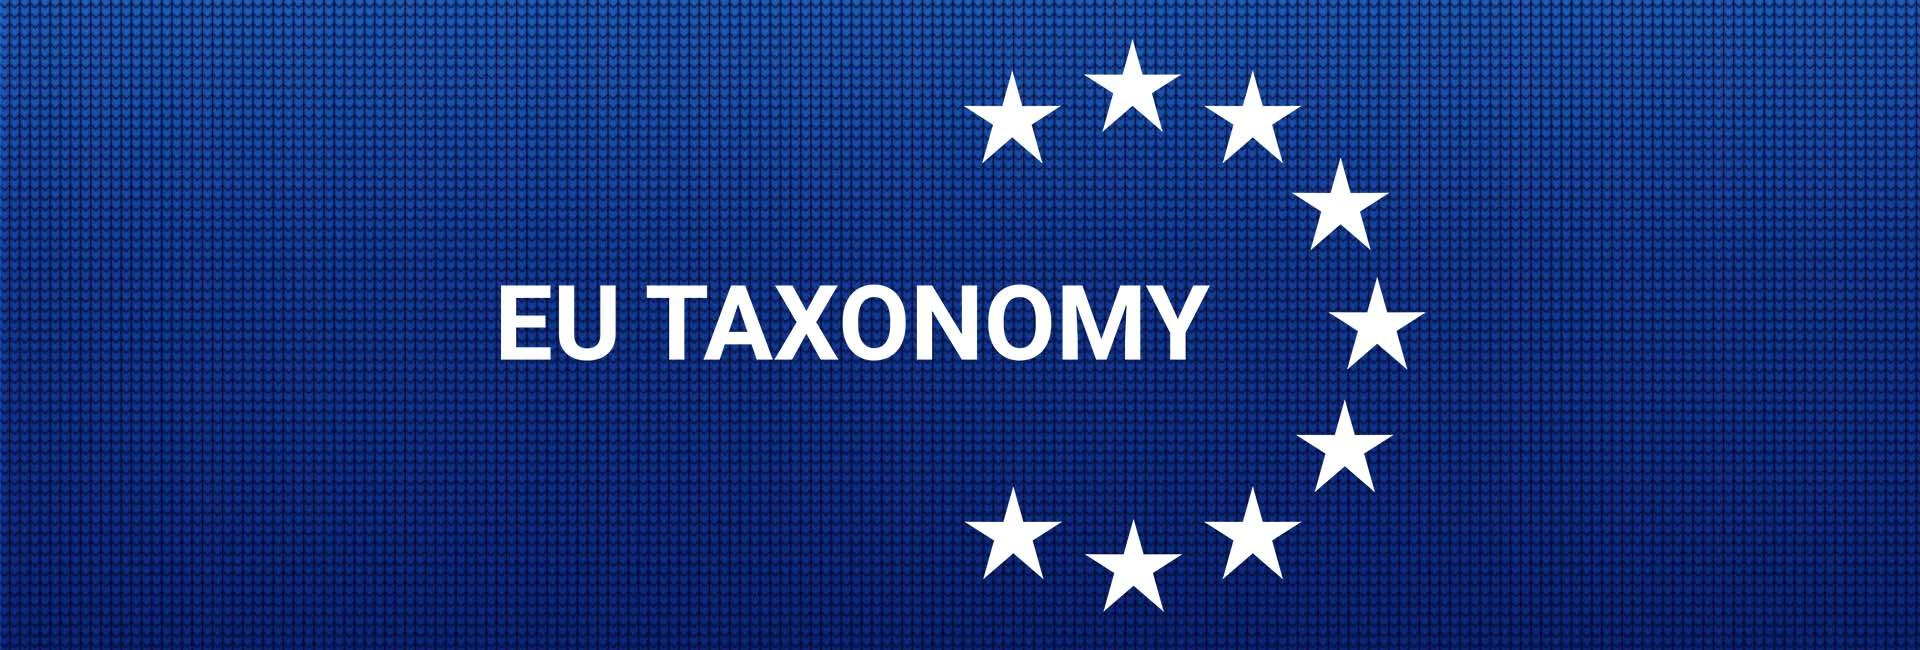 EU Taxonomy assessement